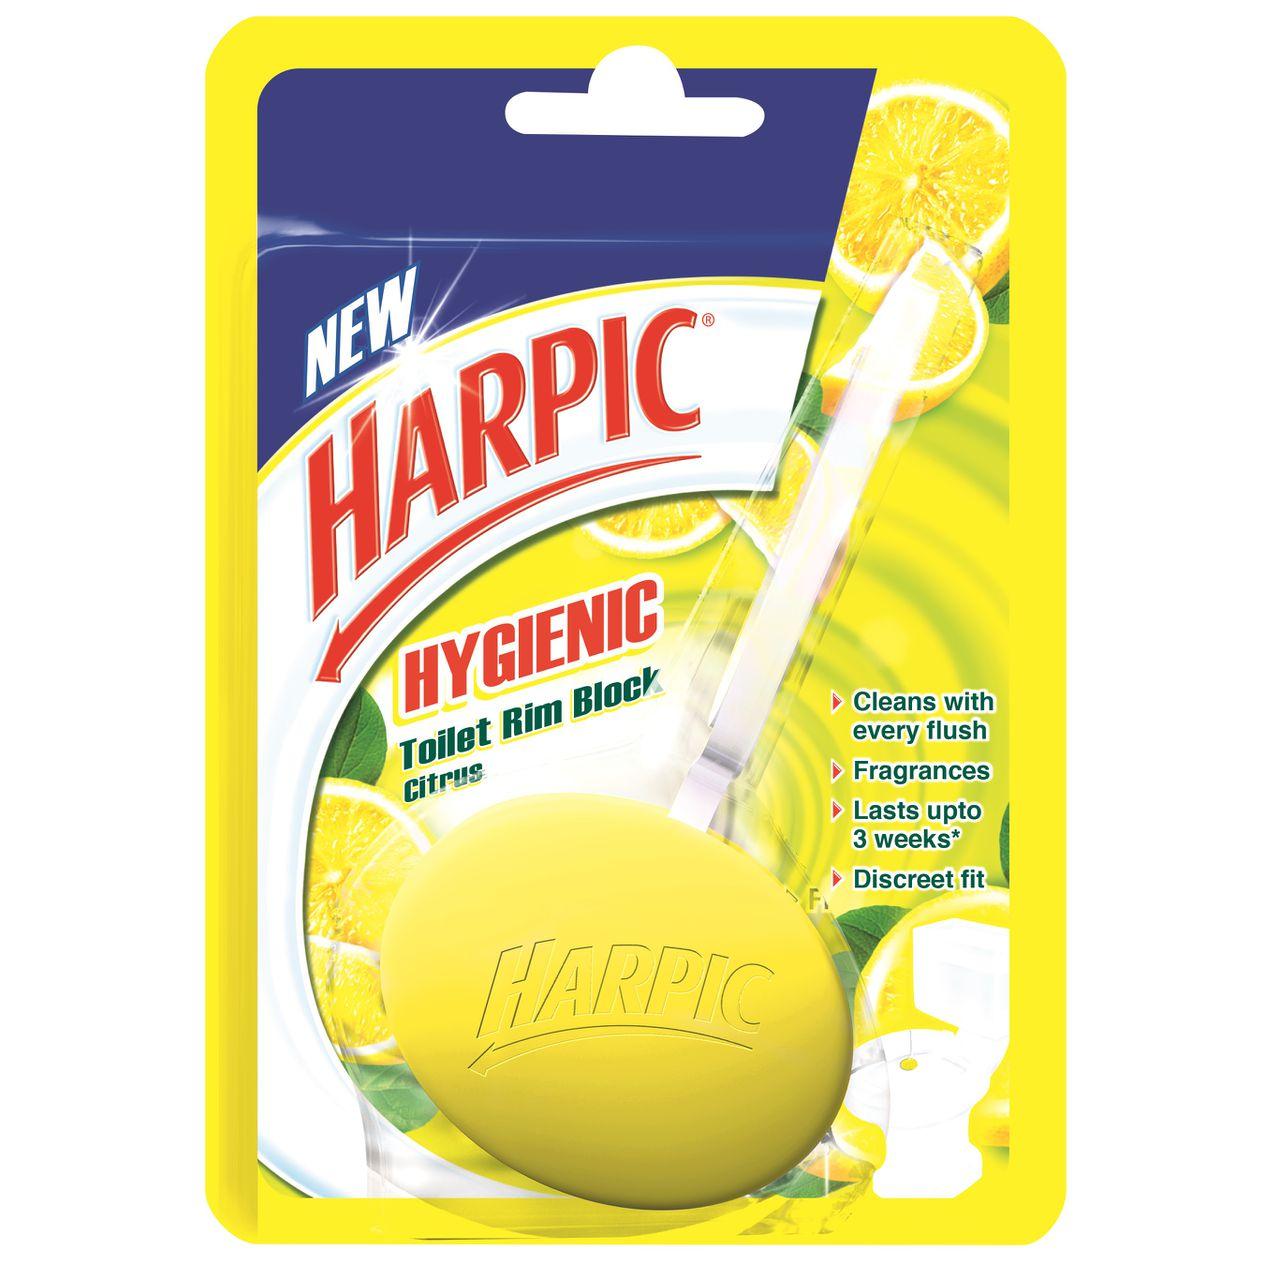 Toilet Rim Blocks Harpic Hygienic